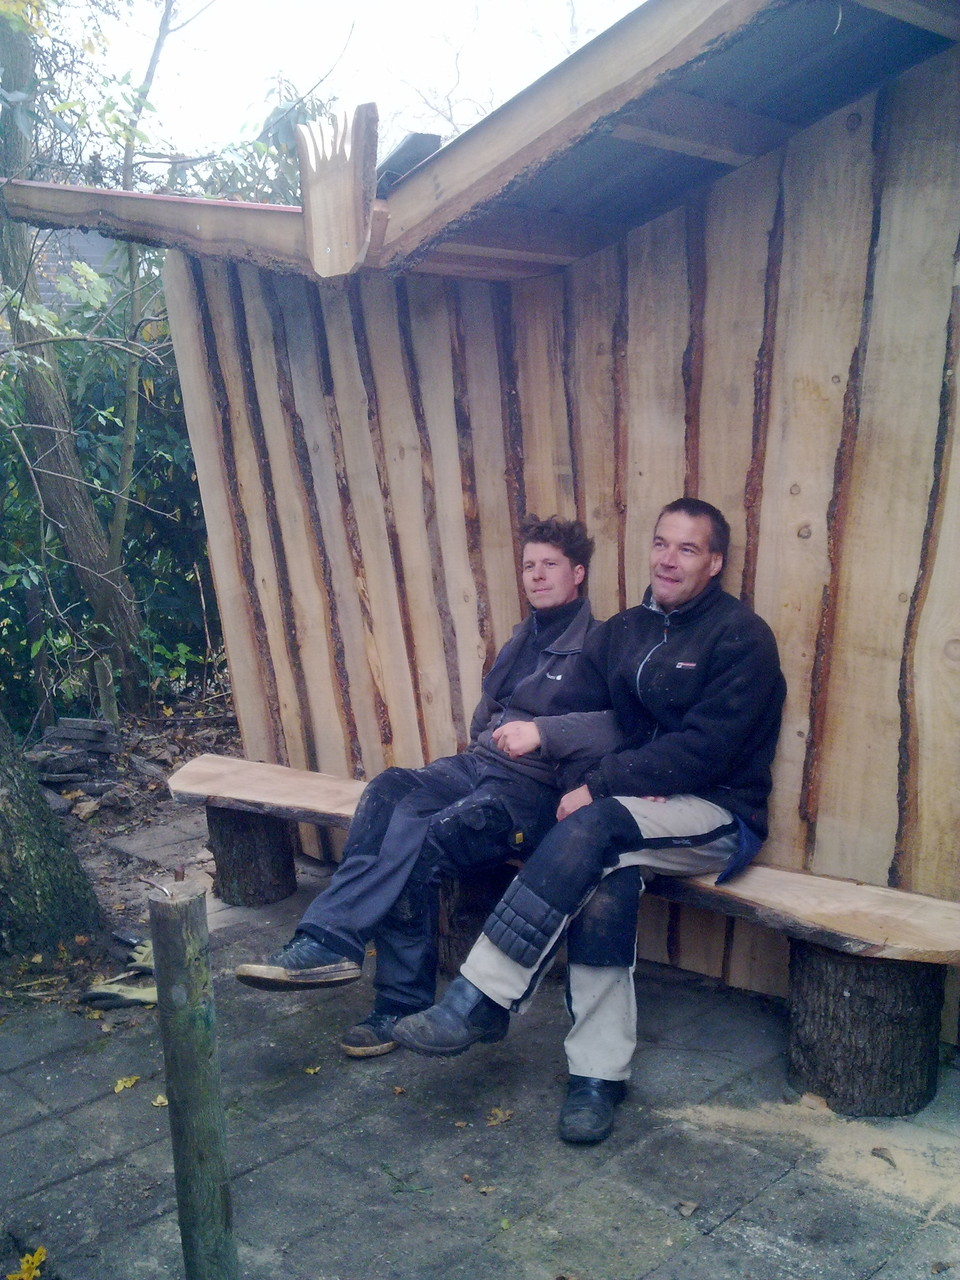 Fietsenstalling van douglas schaaldelen met zitgelegenheid, Hoorn